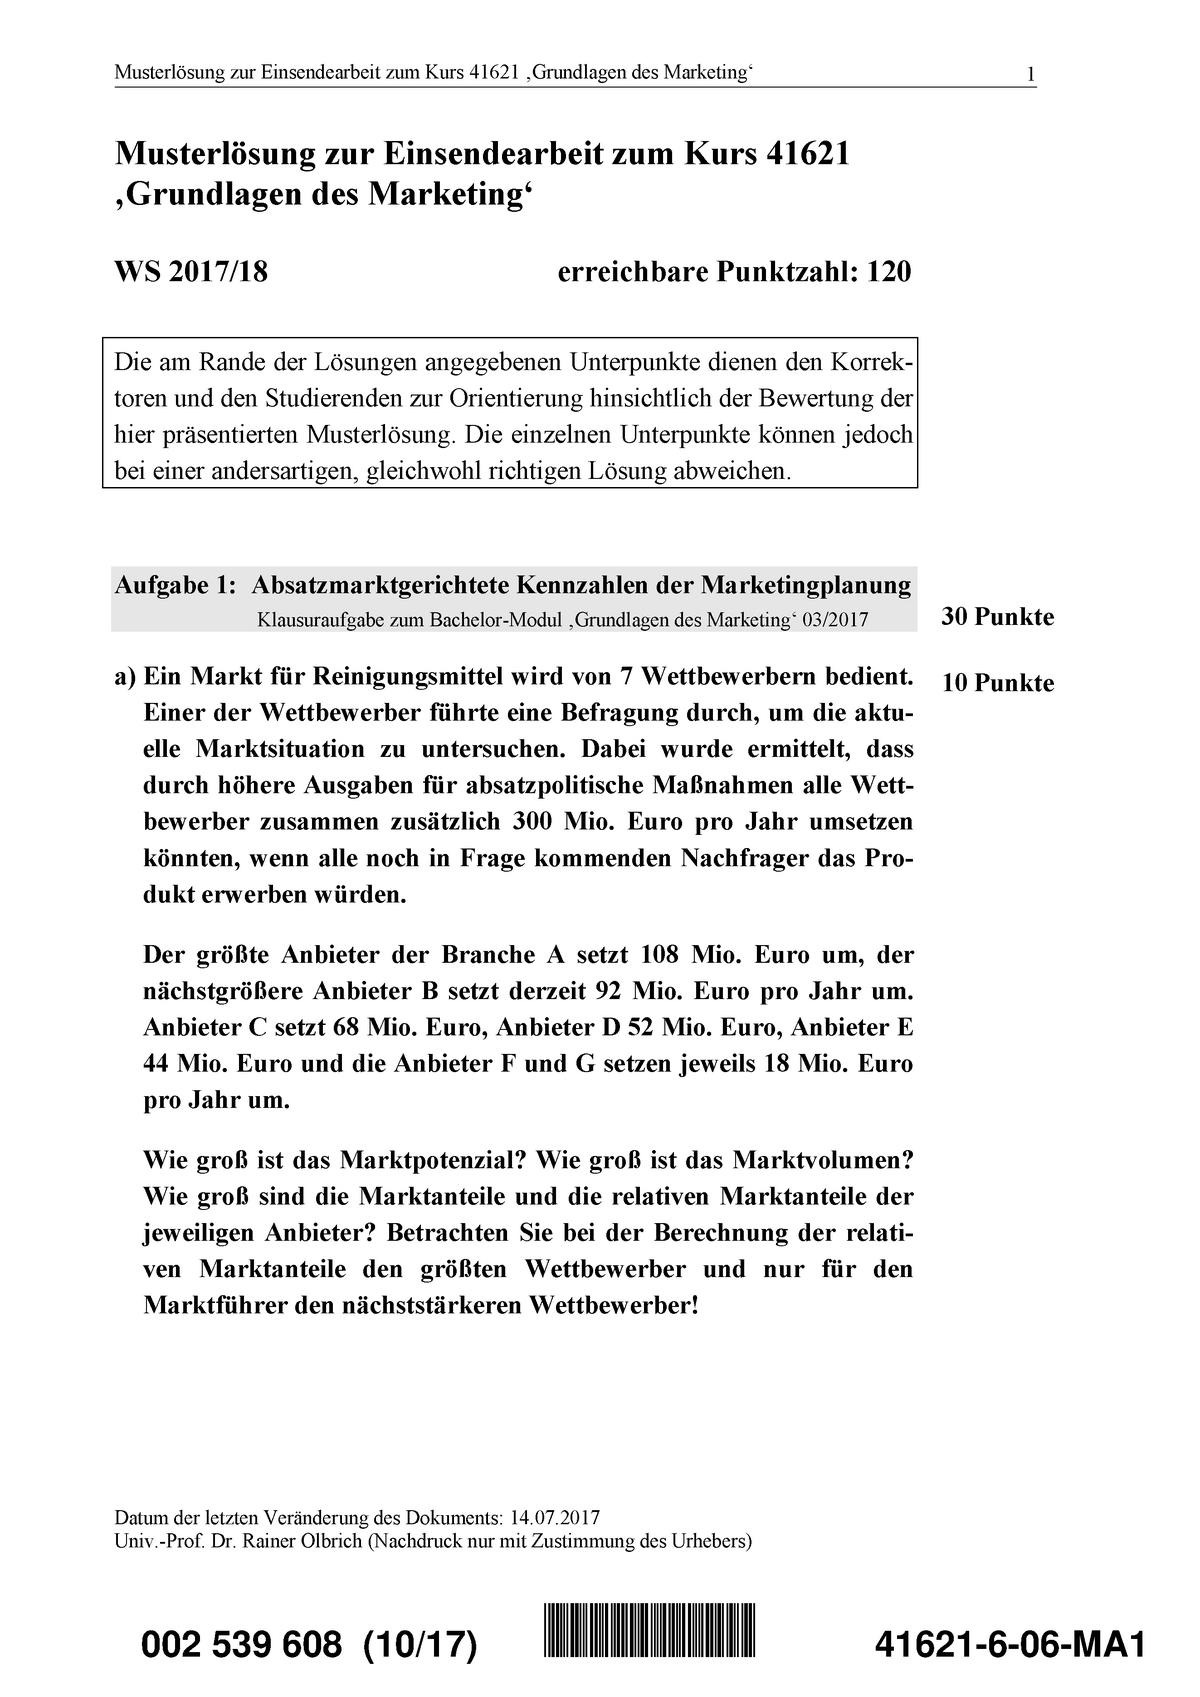 Loesungen 41621 WS17 6 - Einsendeaufgabe Grundlagen des